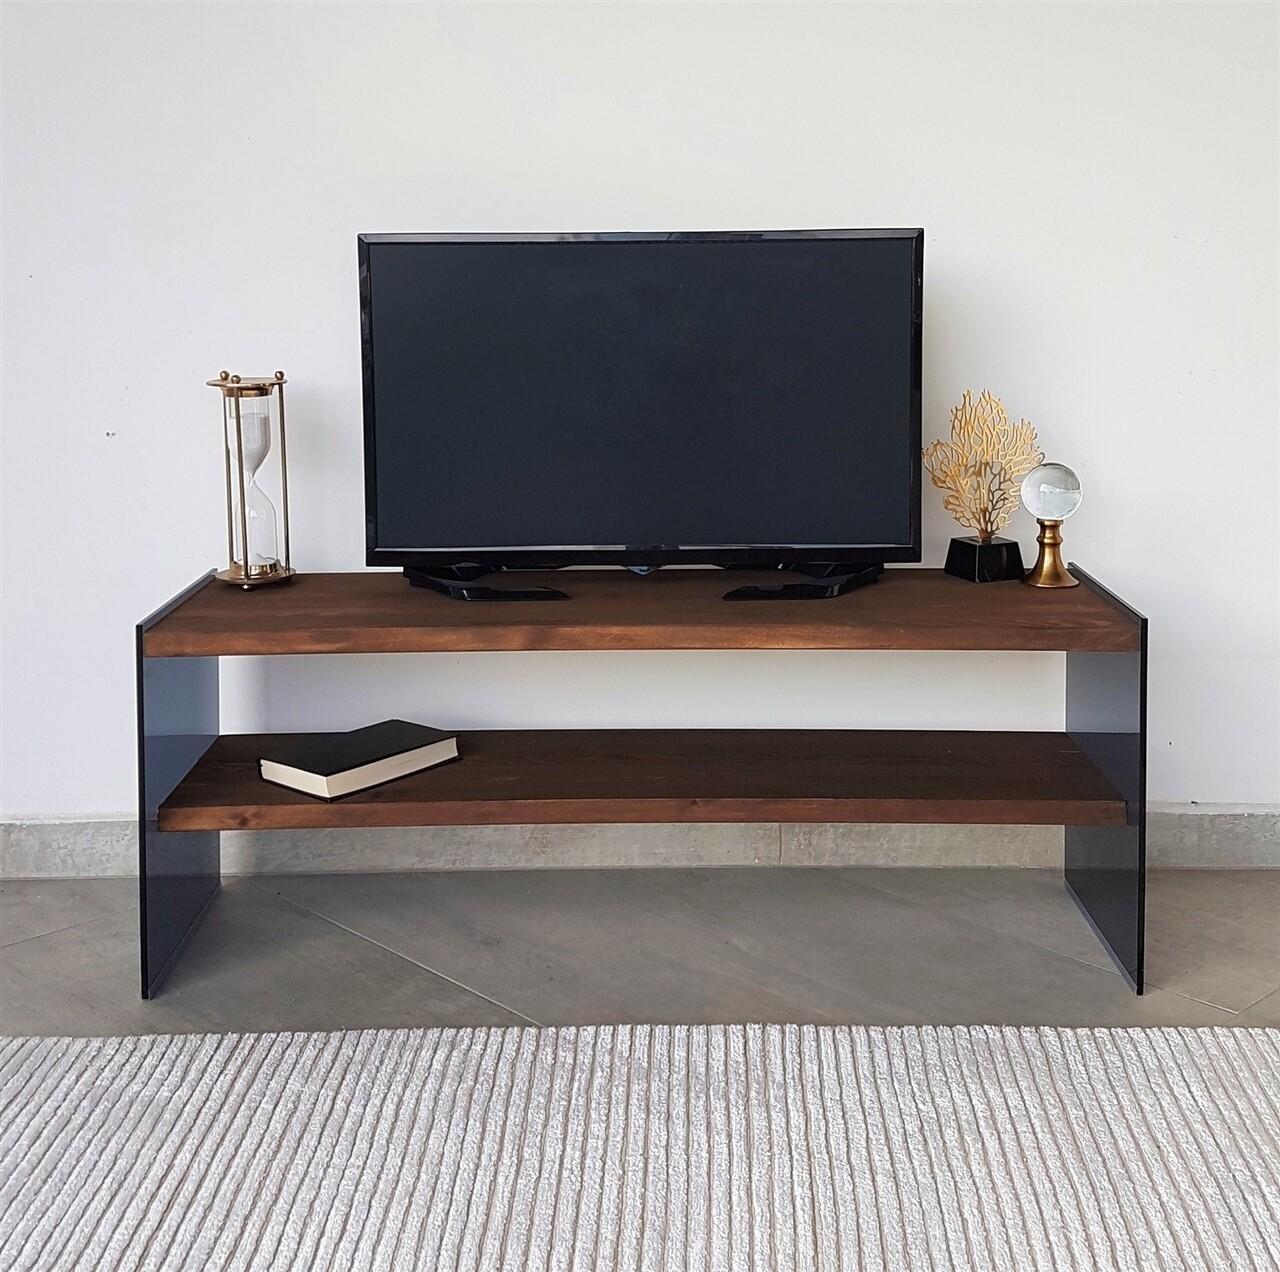 Comoda TV Neostill TV100, 120 x 35 x 45 cm, walnut